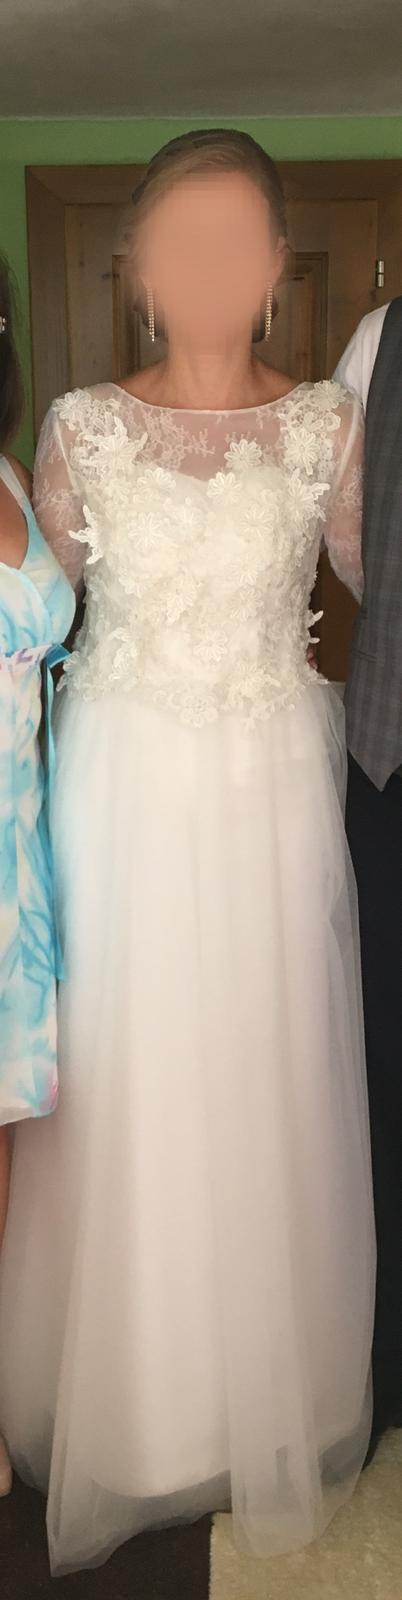 Svadobné šaty s rovnou sukňou, 38